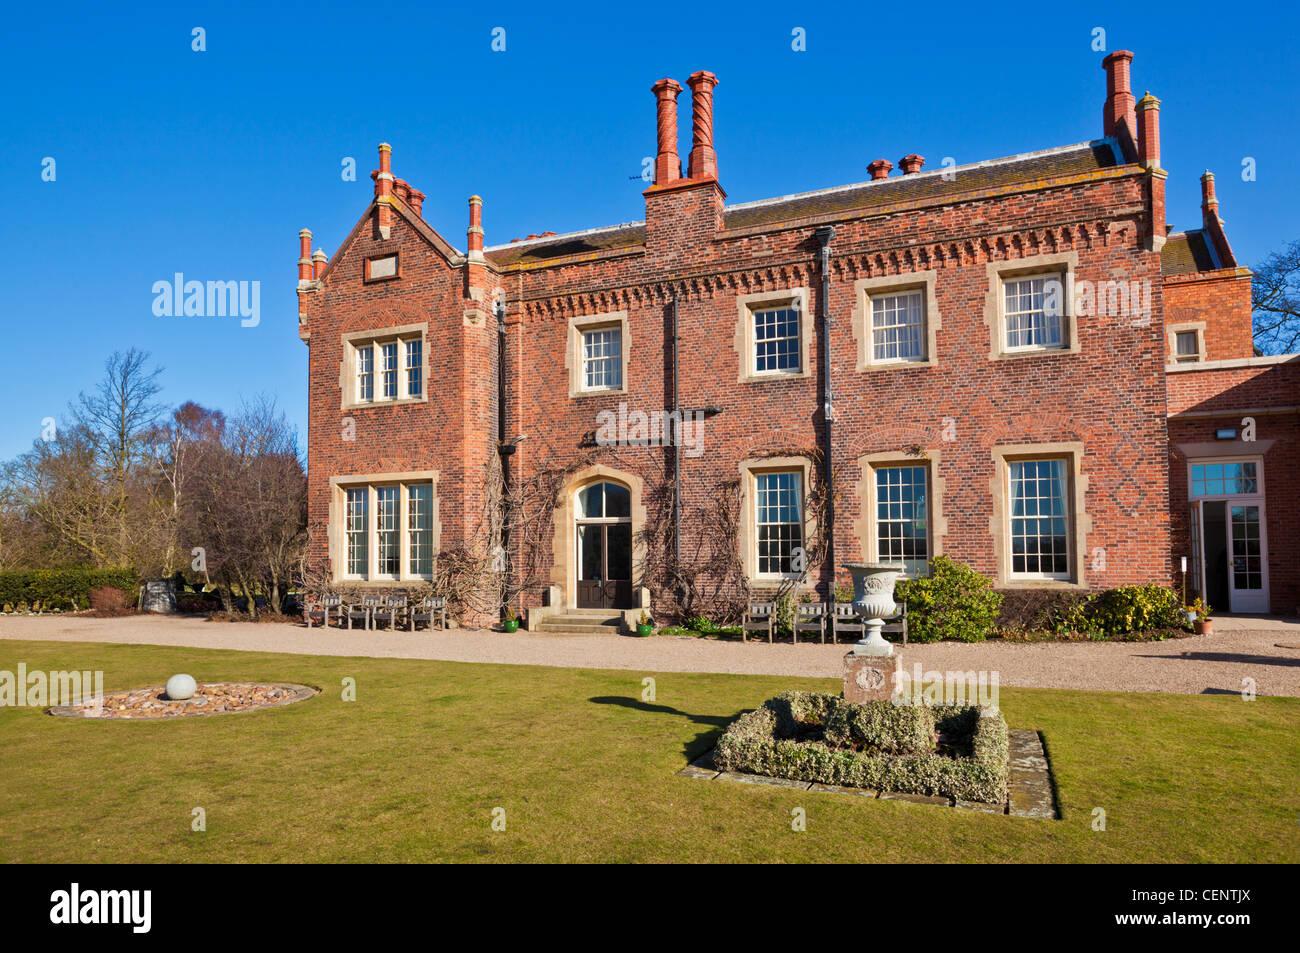 Hodsock Priory near Worksop Nottinghamshire England GB UK EU Europe - Stock Image